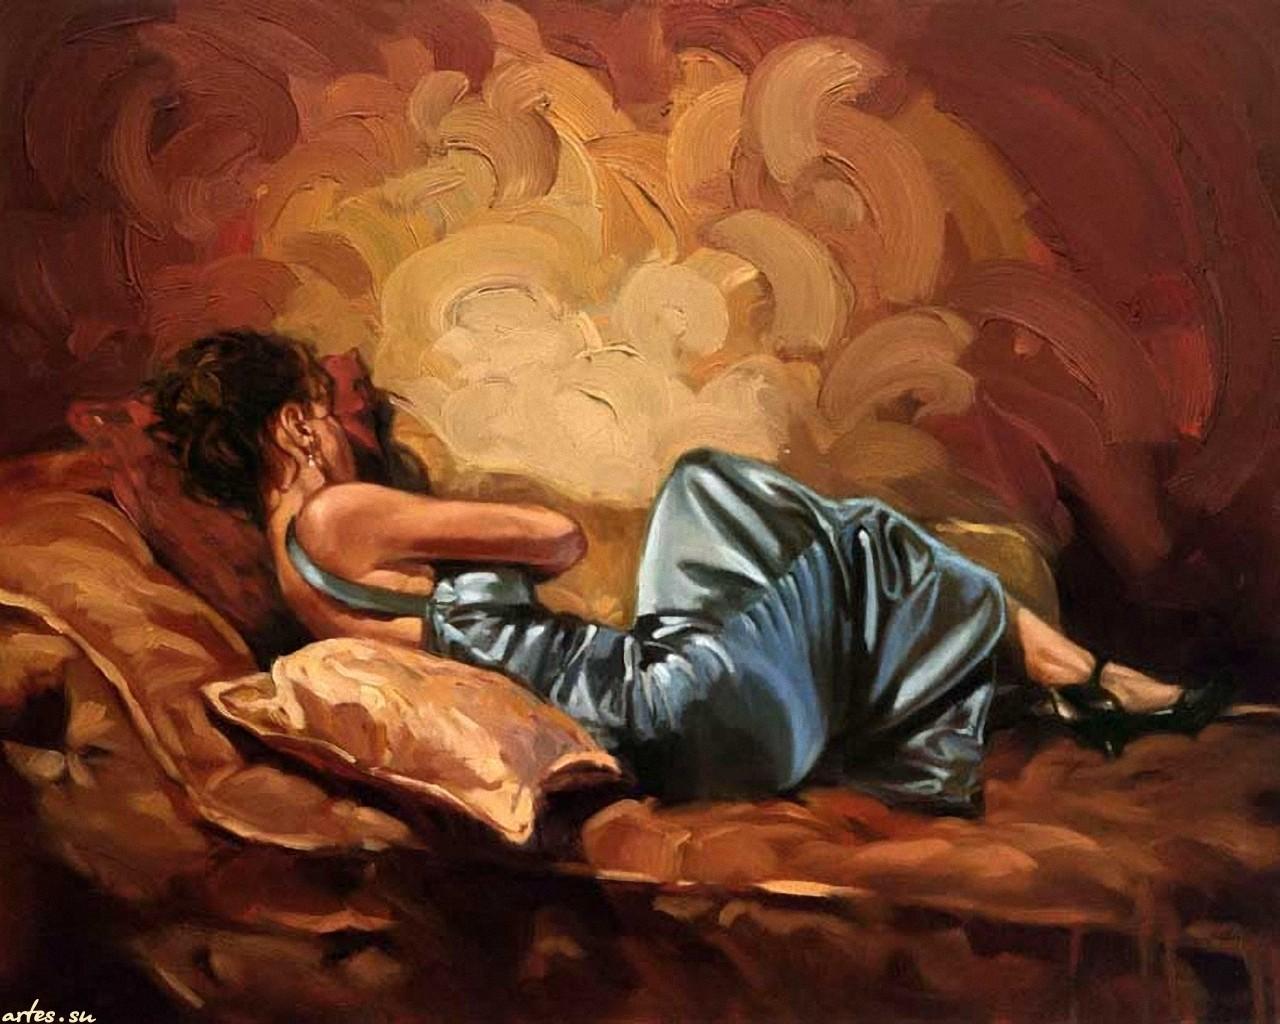 Рисованные спящие девушки картинки 24 фотография